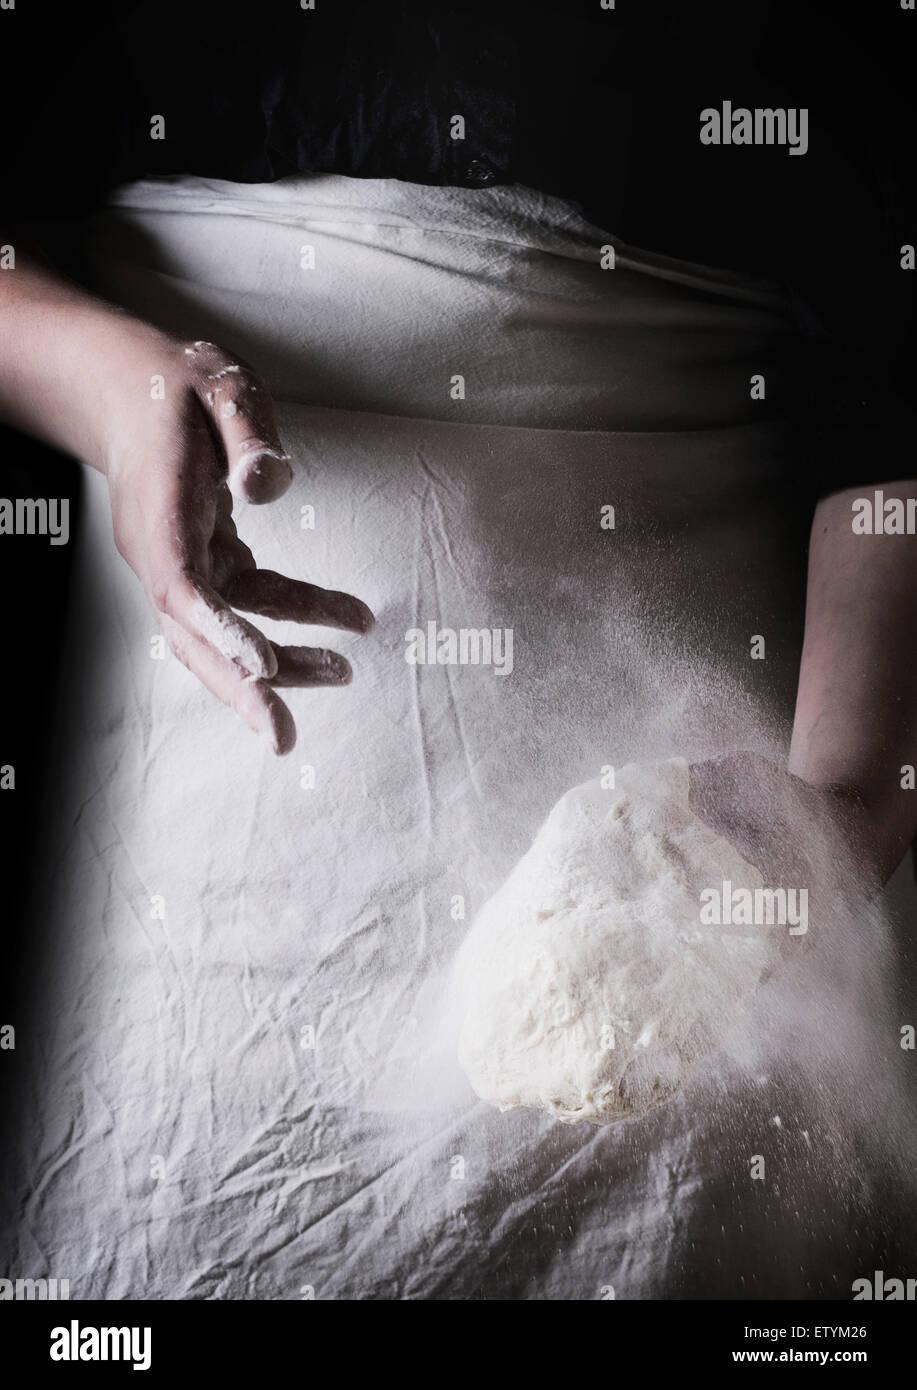 Die Hände von Frauen machen den Teig für Pizza. Serien ansehen Stockbild